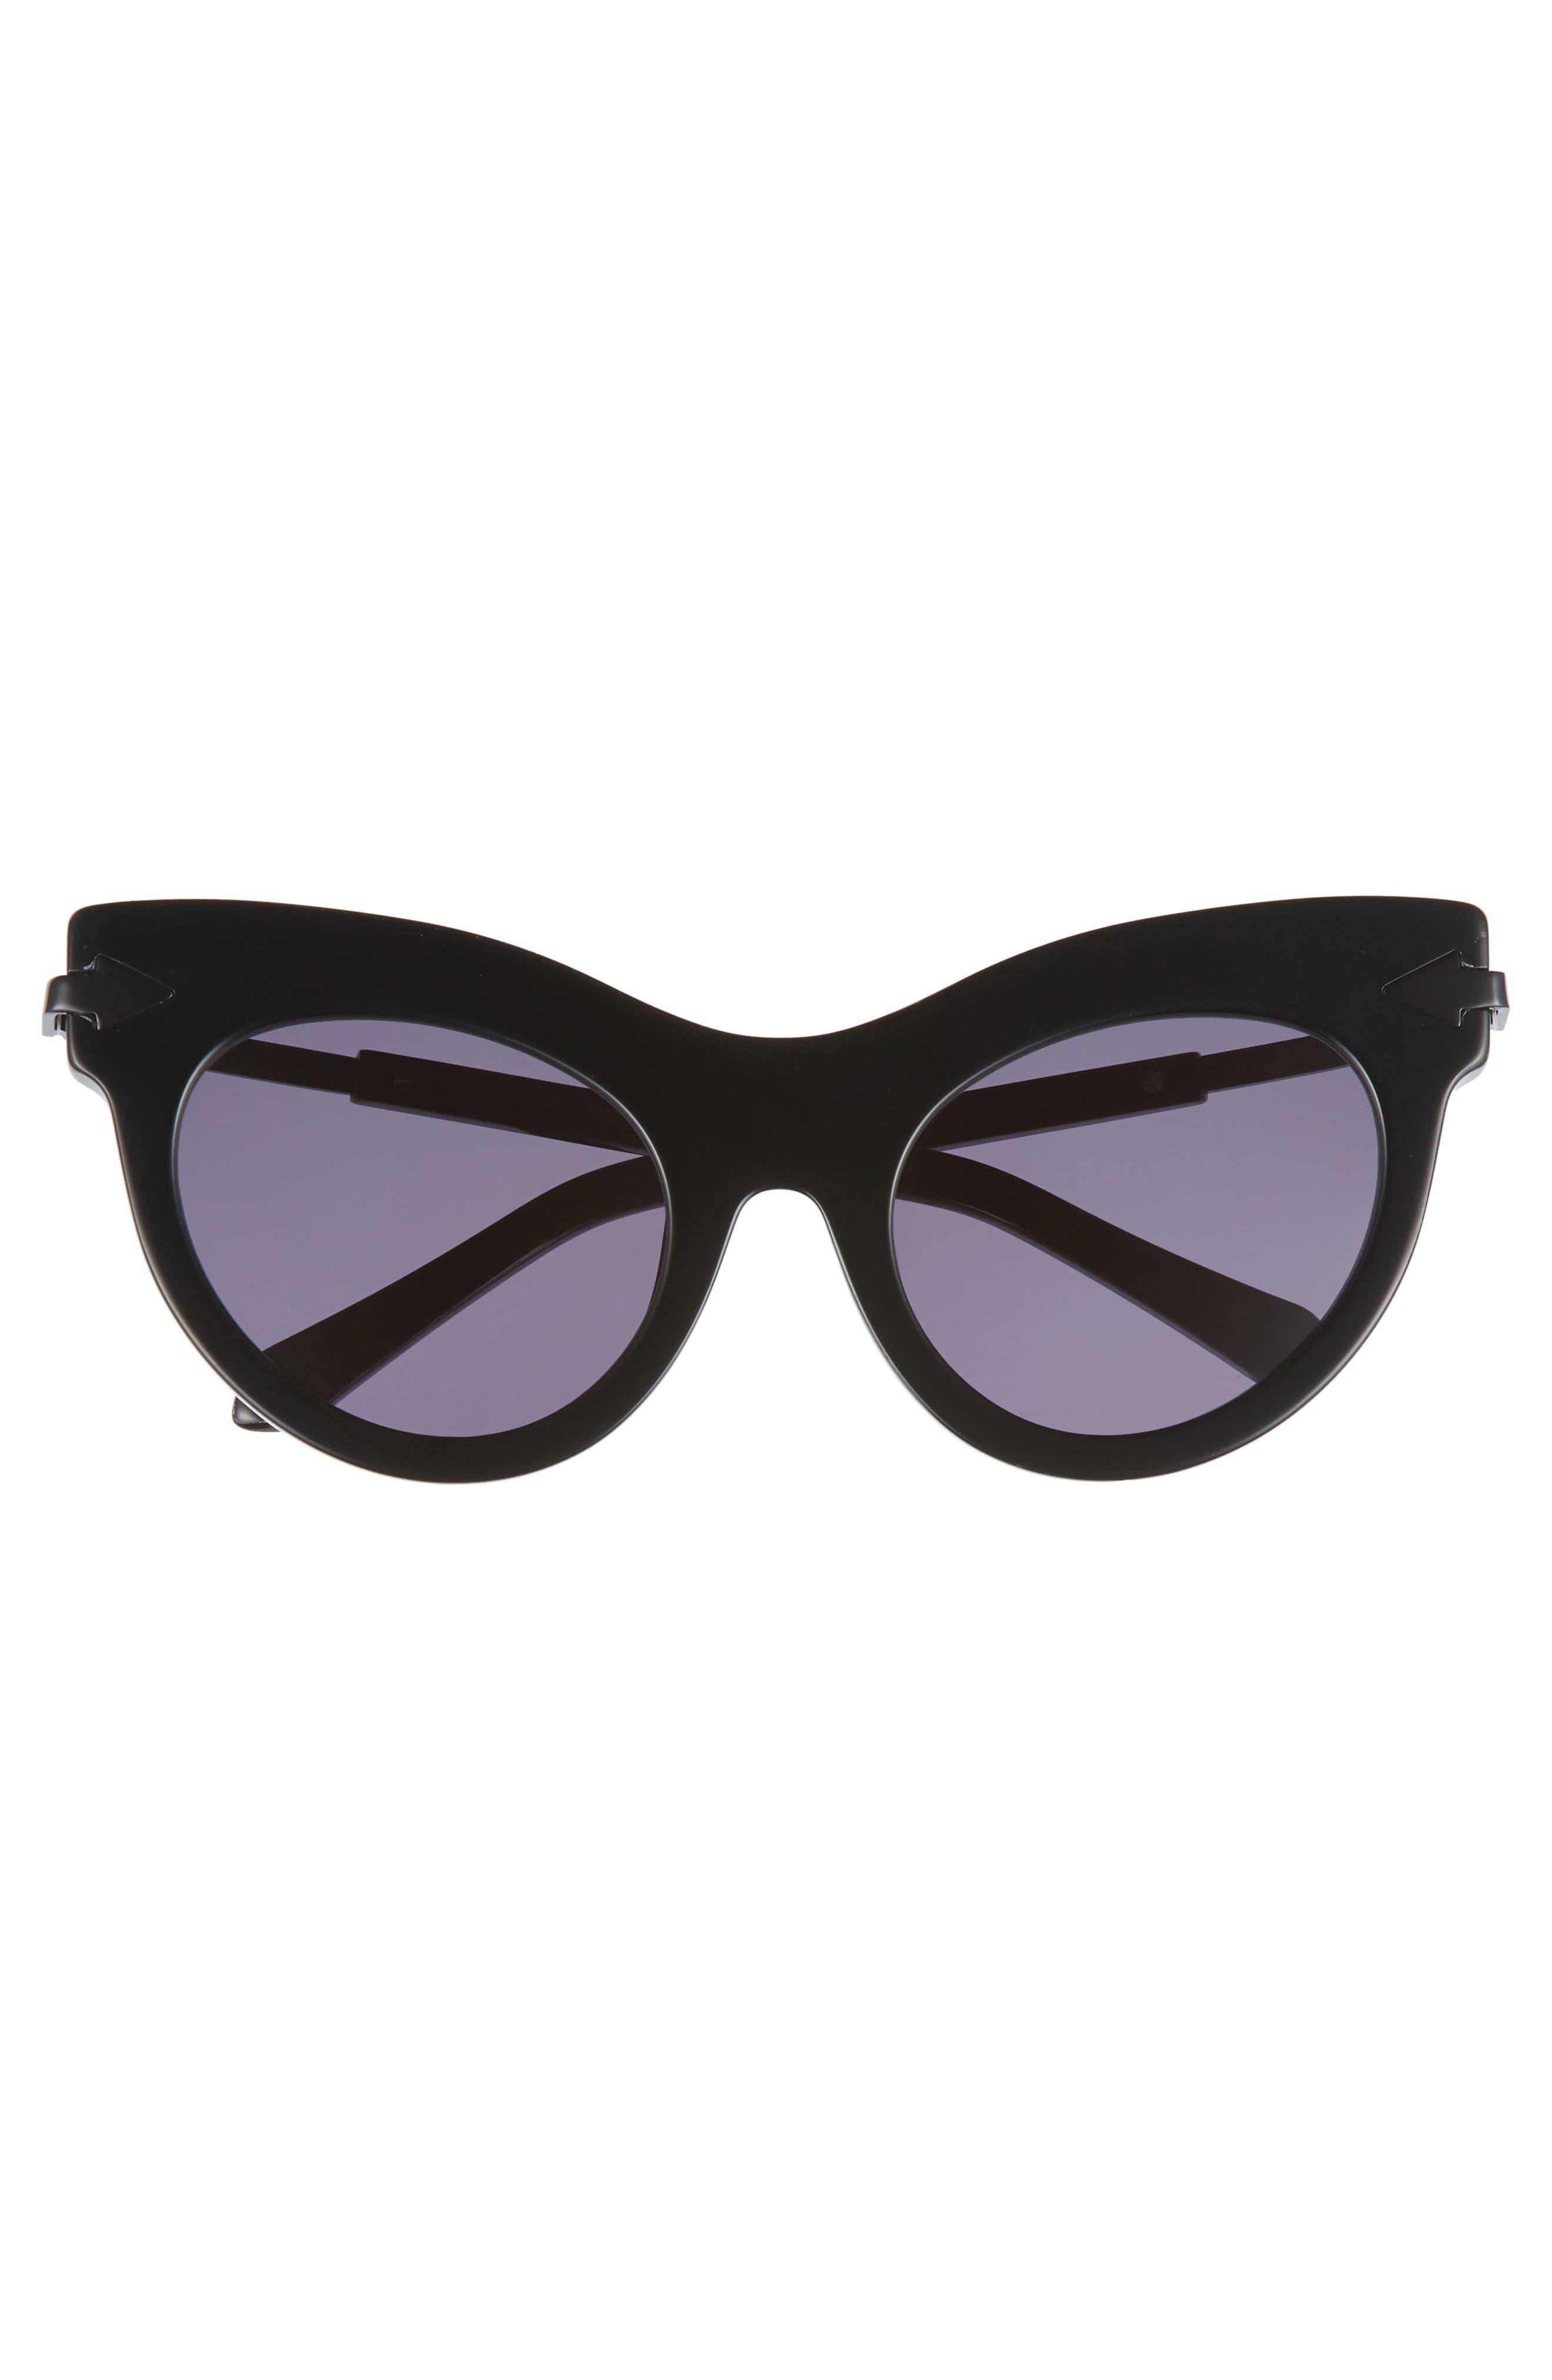 Miss Lark 52mm Cat Eye Sunglasses,                             Alternate thumbnail 3, color,                             Black